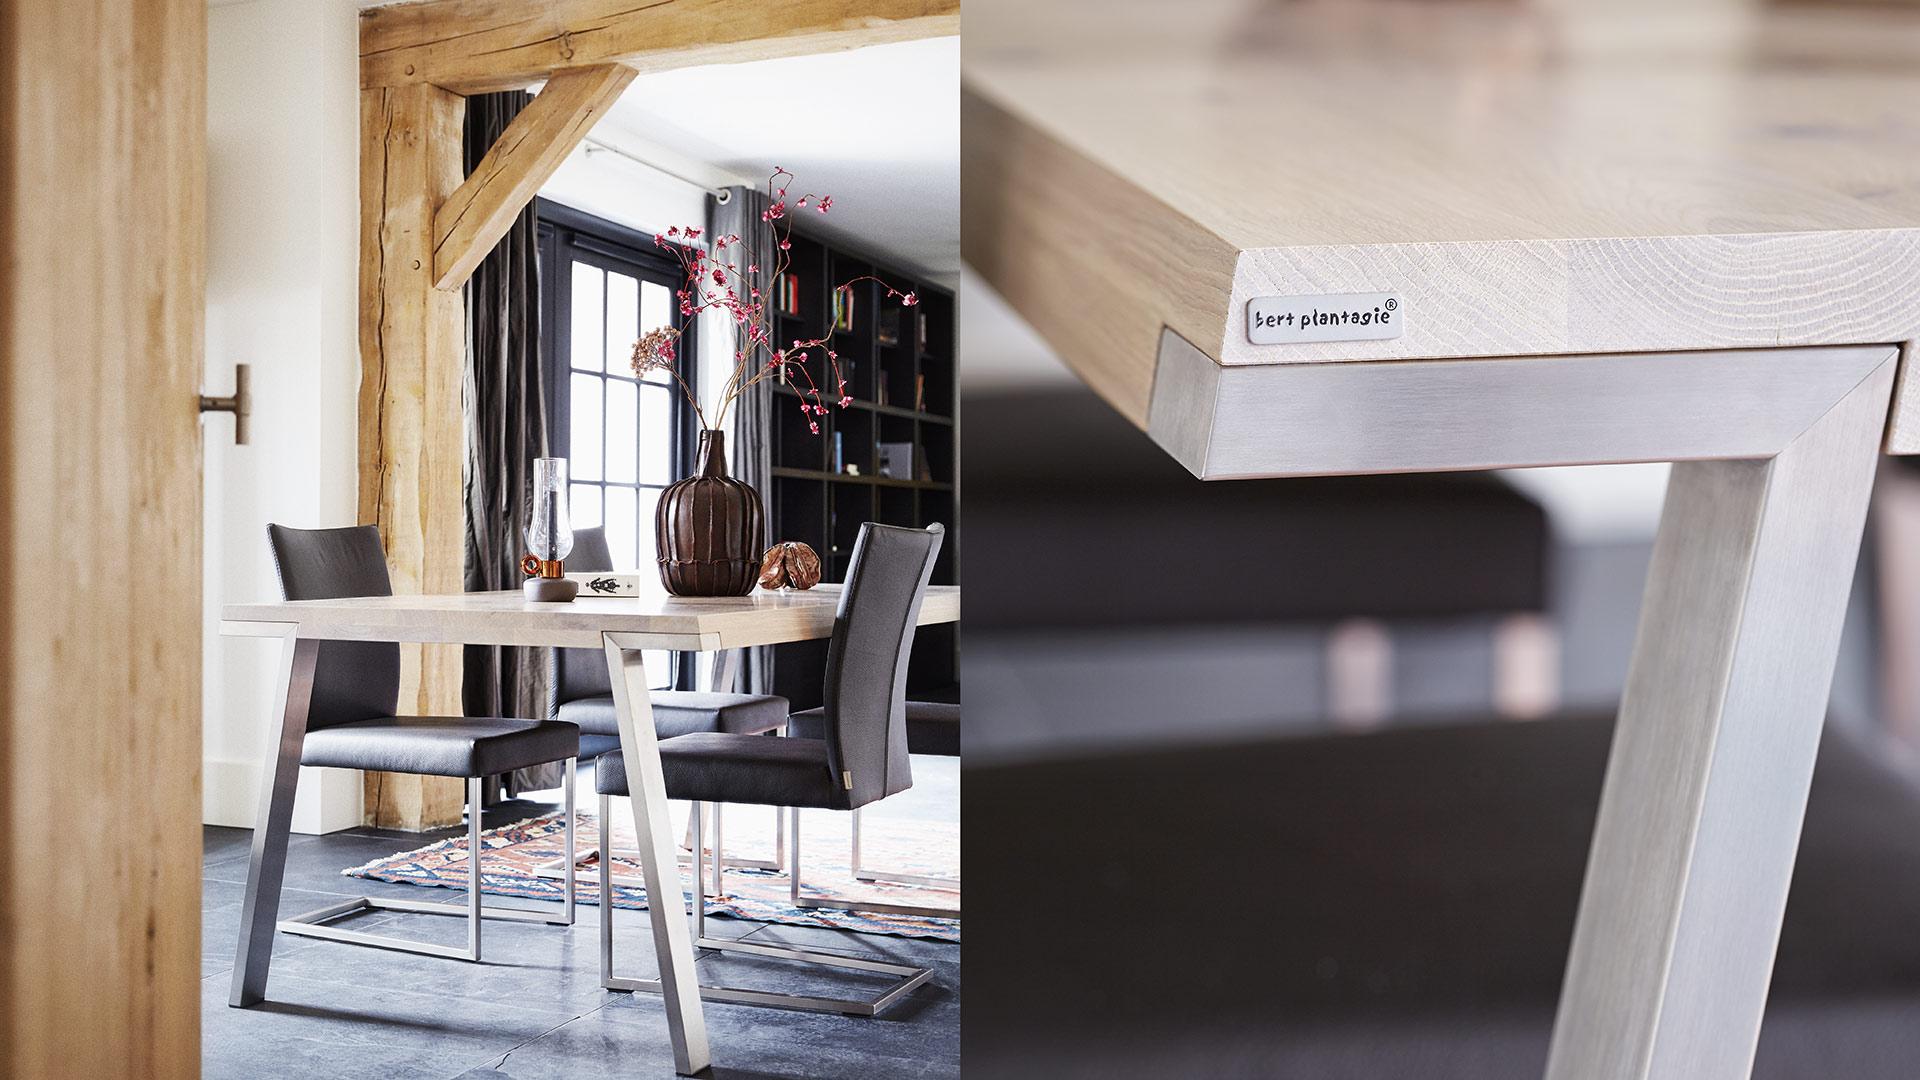 PDJPhoto, Peter de Jong, sluisweg 59, 2225 xj, Katwijk, 2015, collection, BP, Bert Plantagie, interieur, stoelen, tafel, woning, vaas, boeken